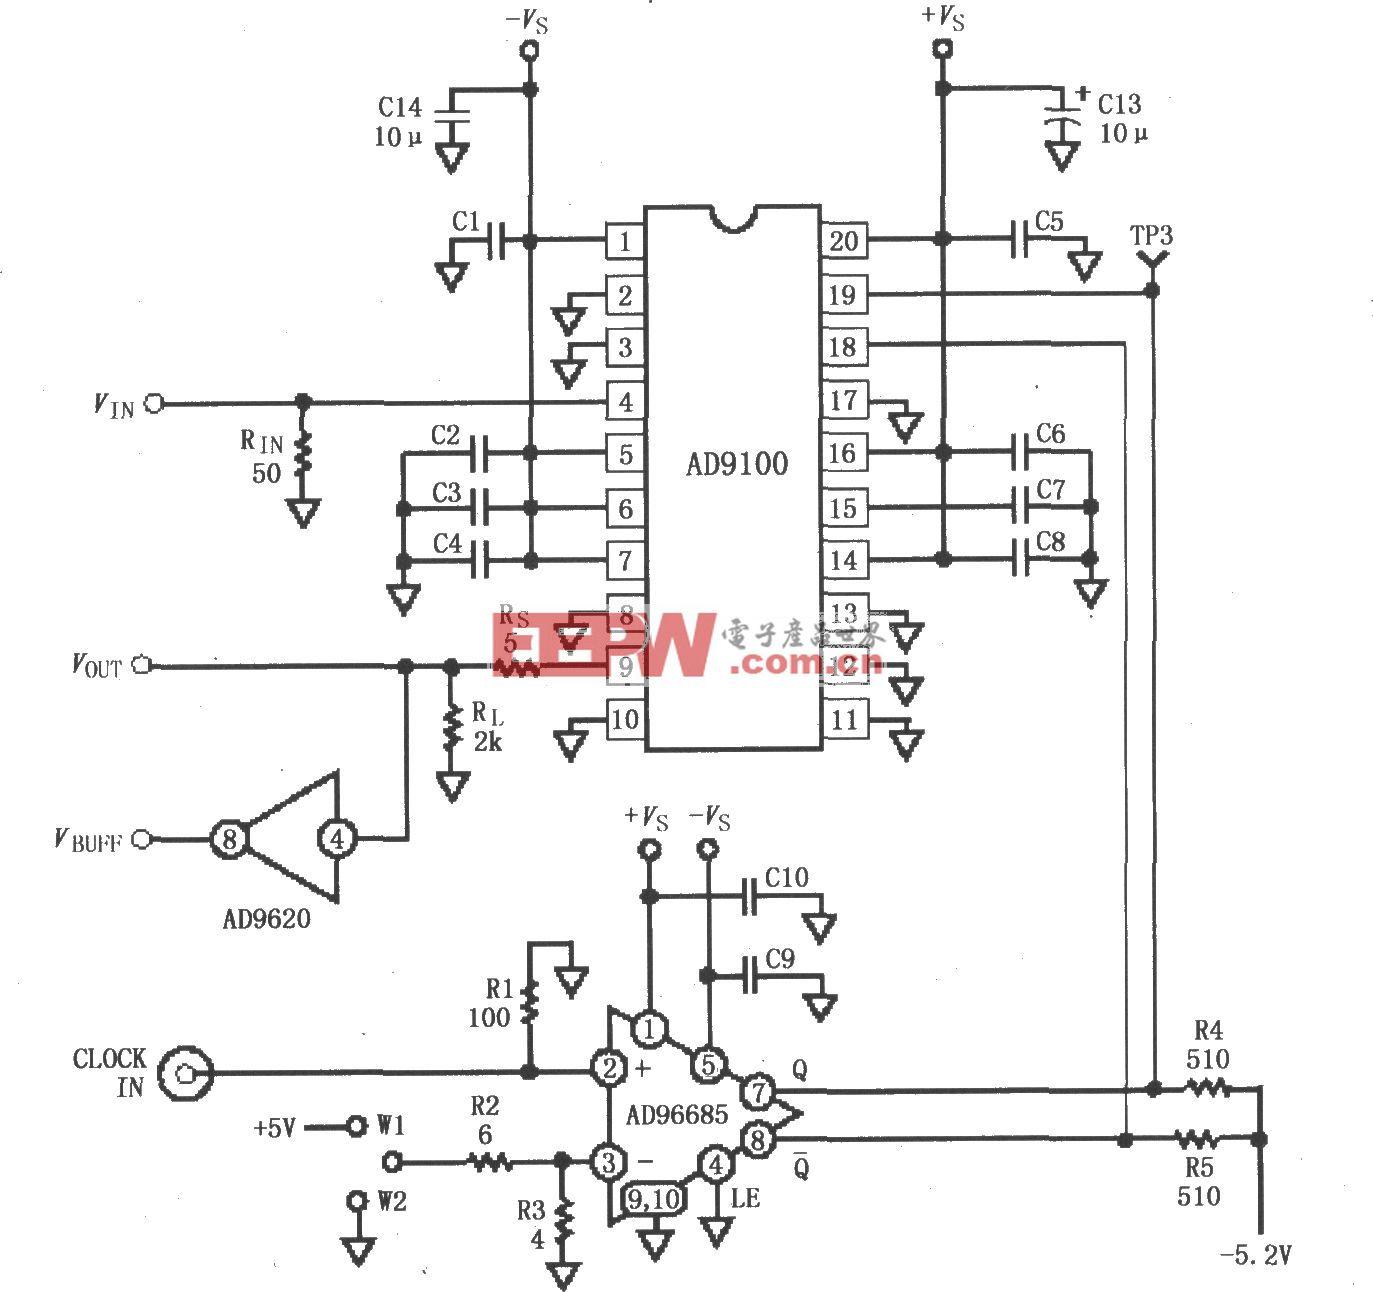 采样保?#22336;?#22823;器AD9100接口的测试板电路